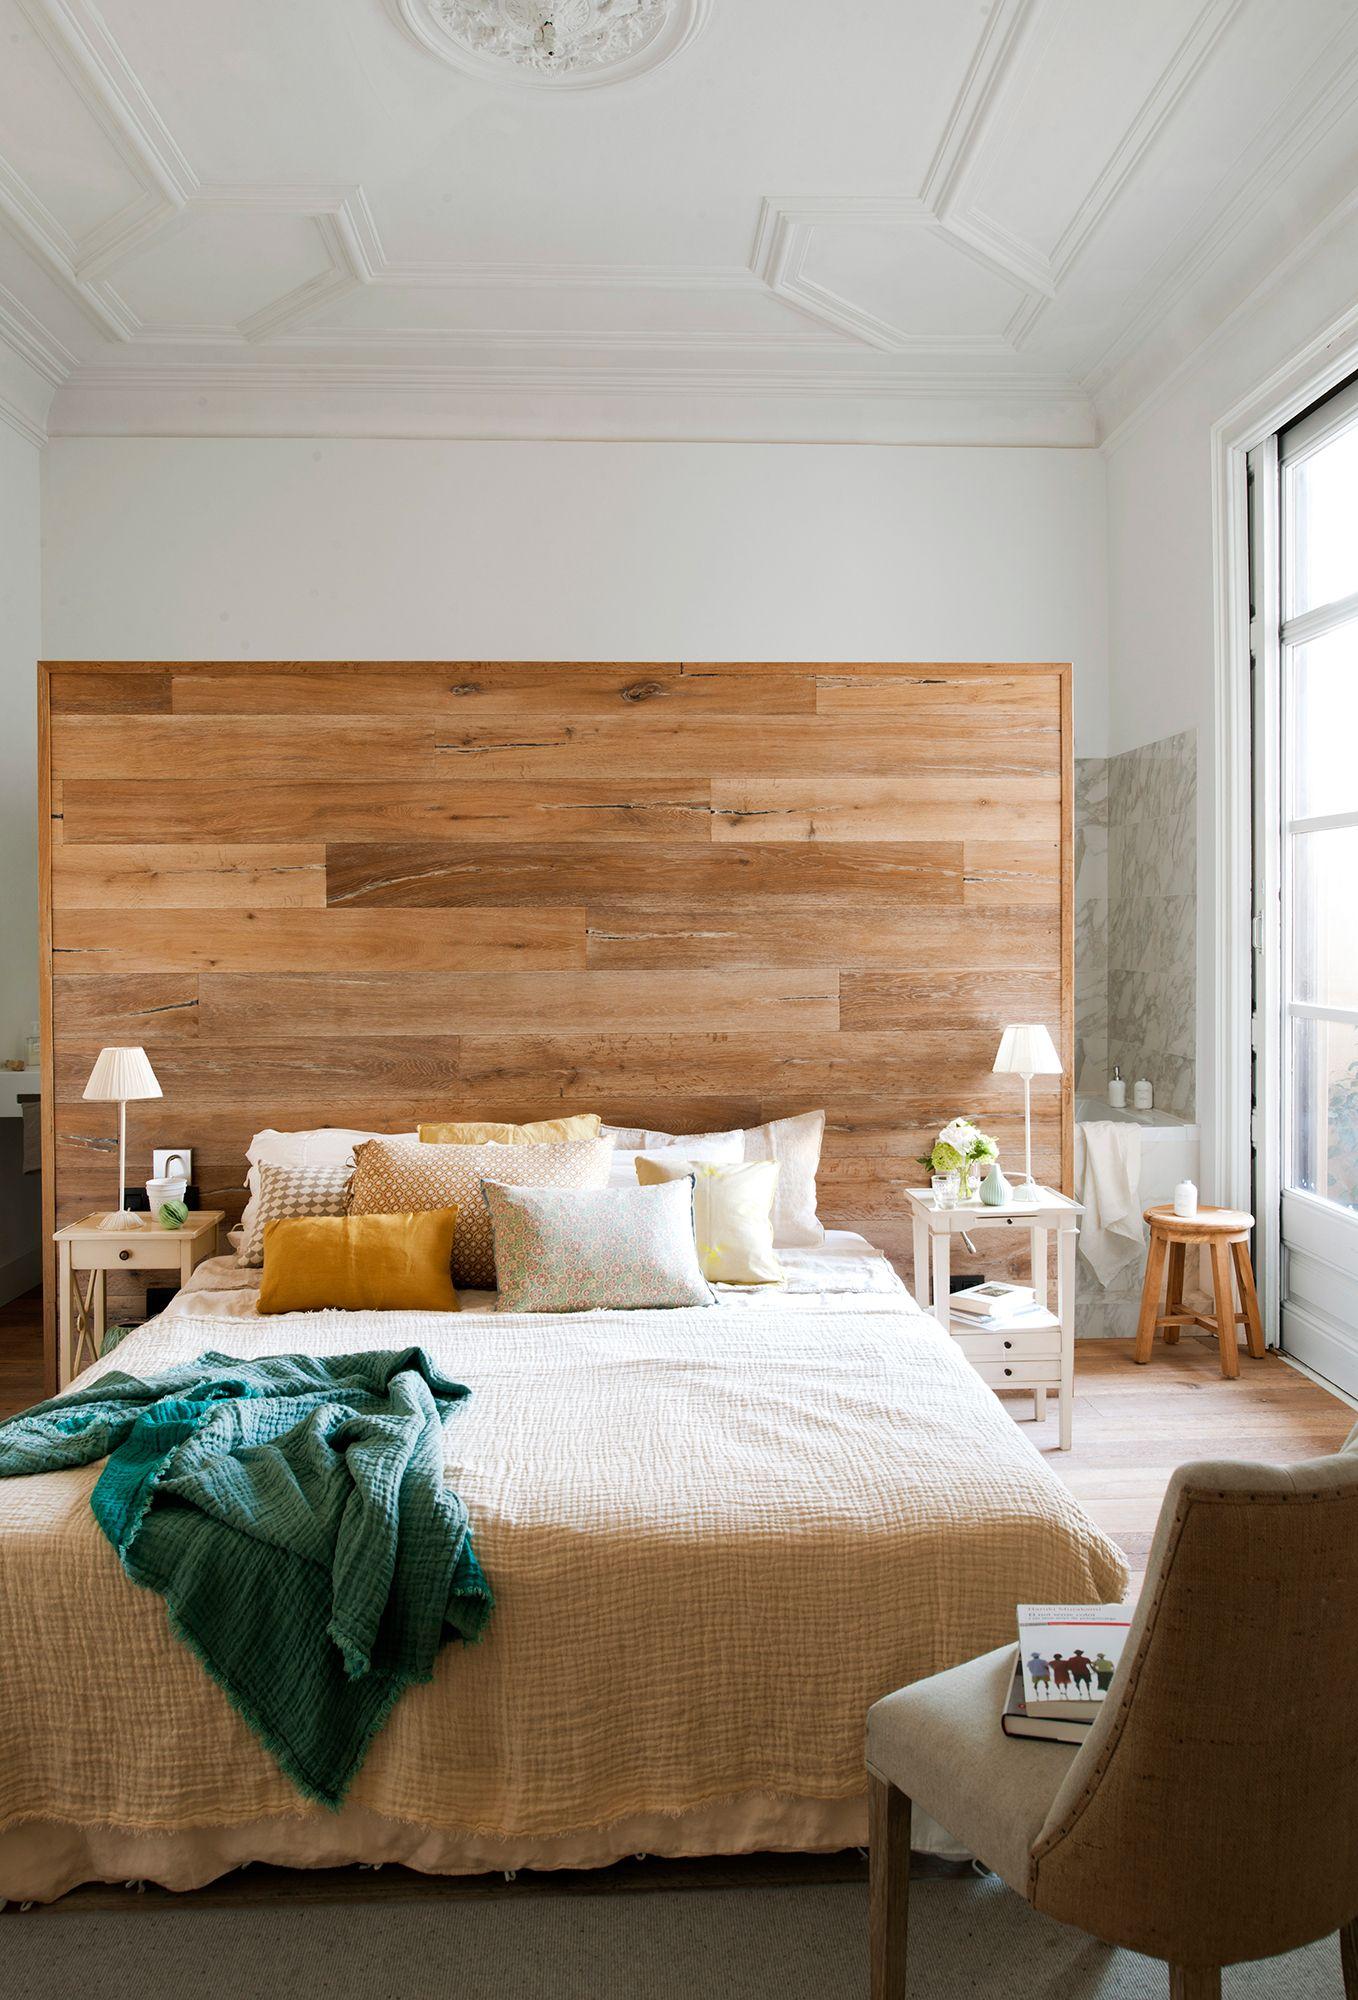 Dormitorio con murete revestido de madera y ba o tras el